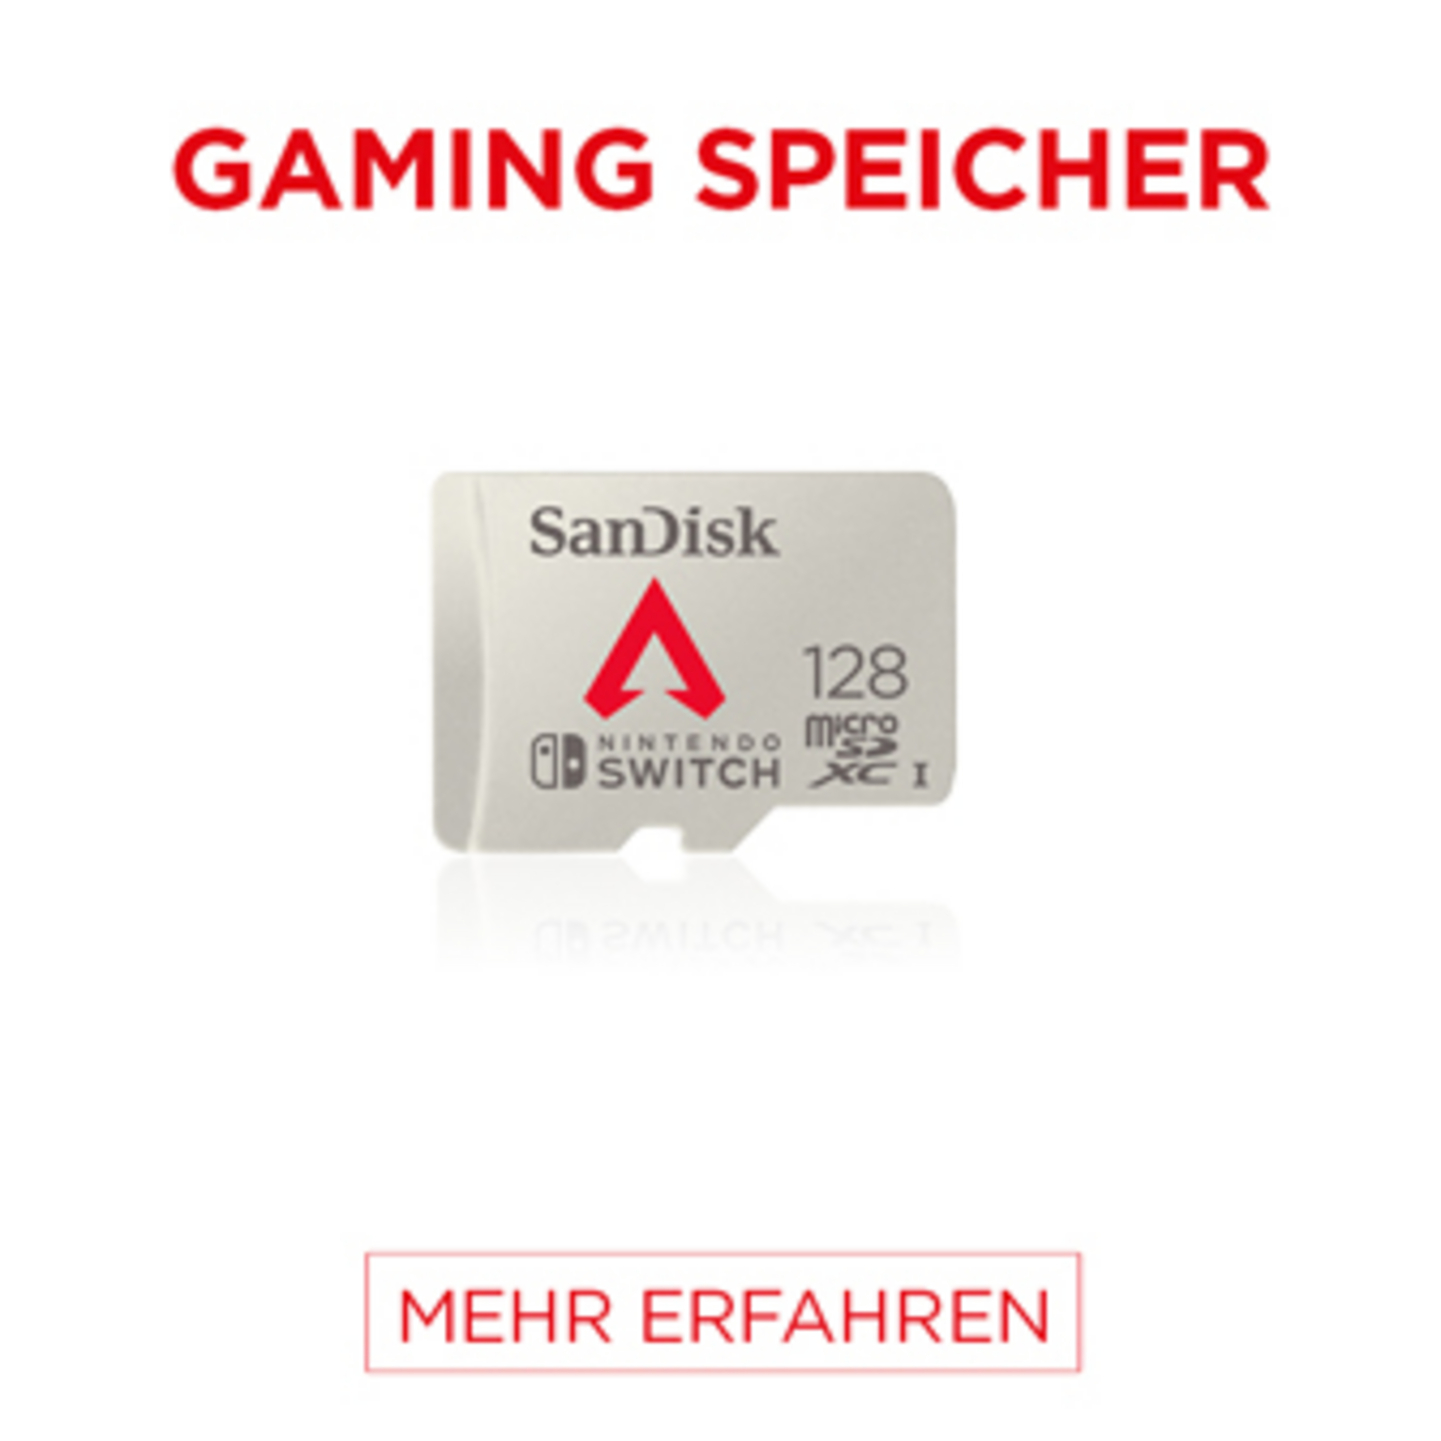 Gaming Speicher